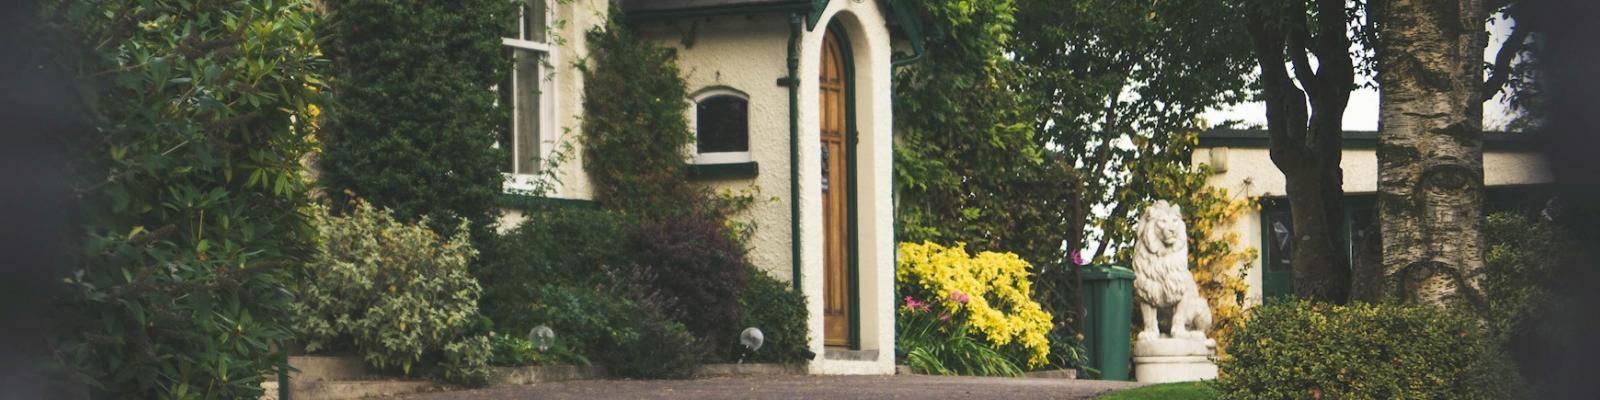 Huis met groene voortuin en standbeeld